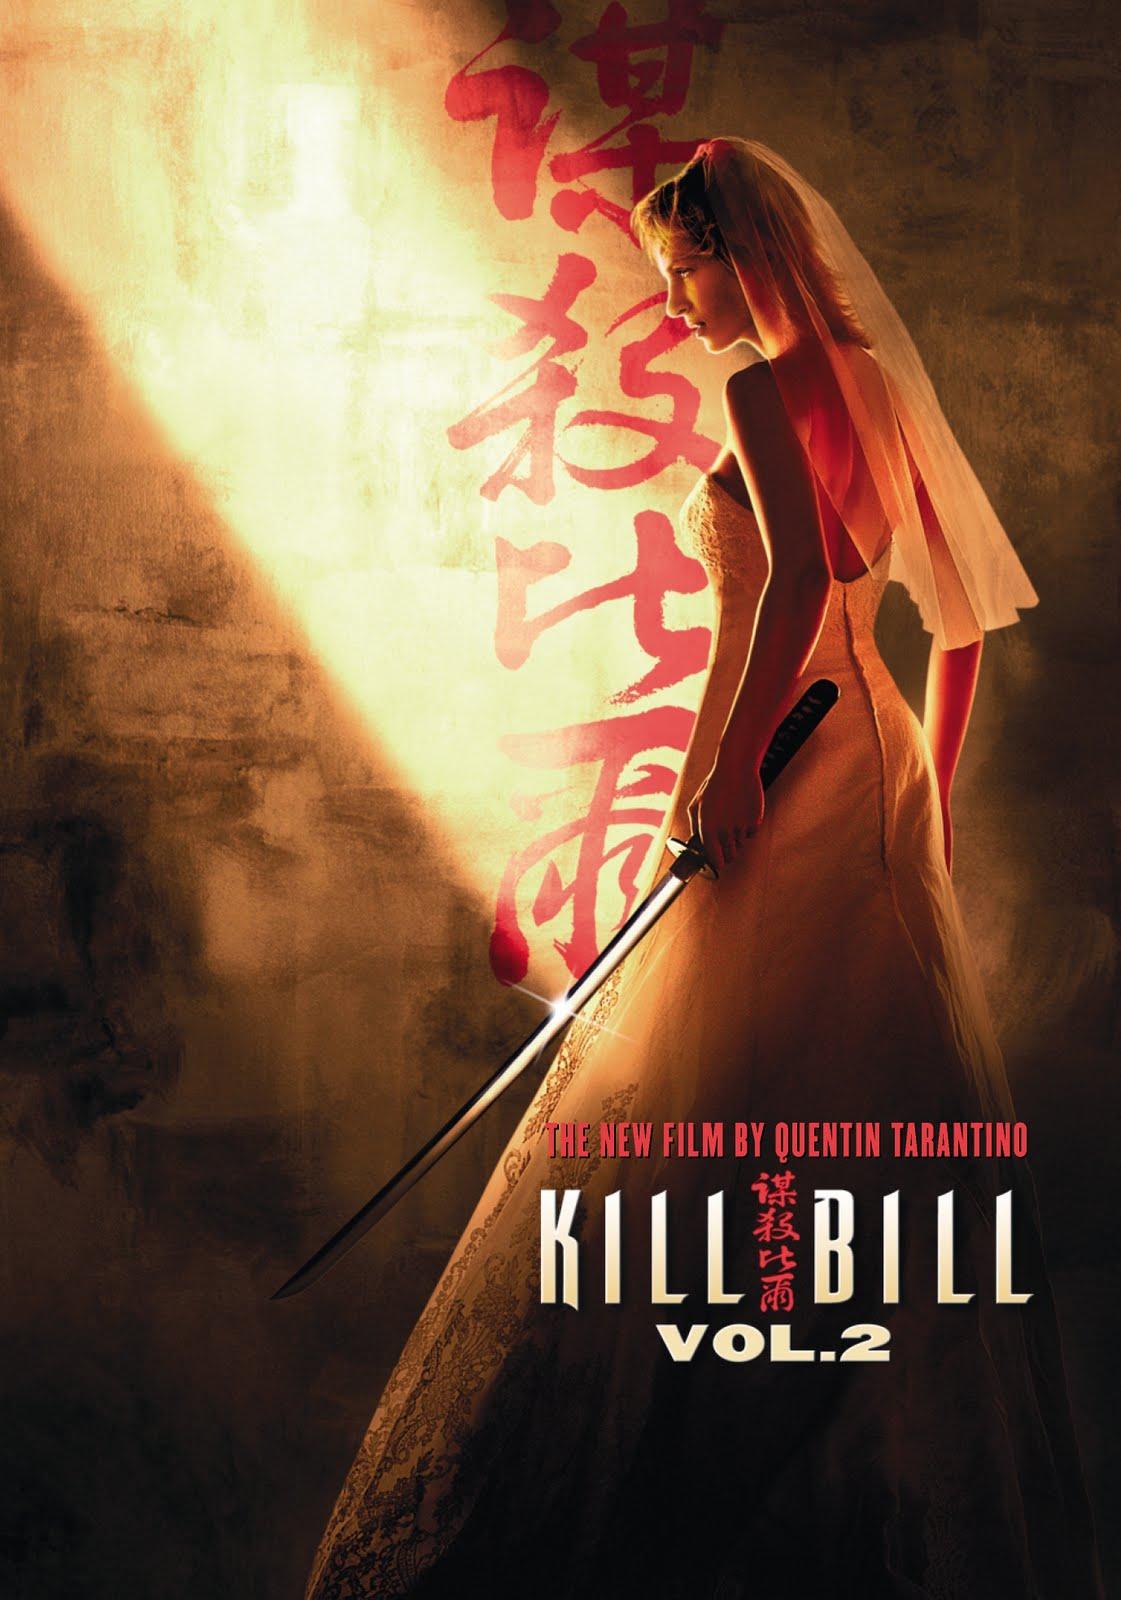 kill bill volume 2 avid